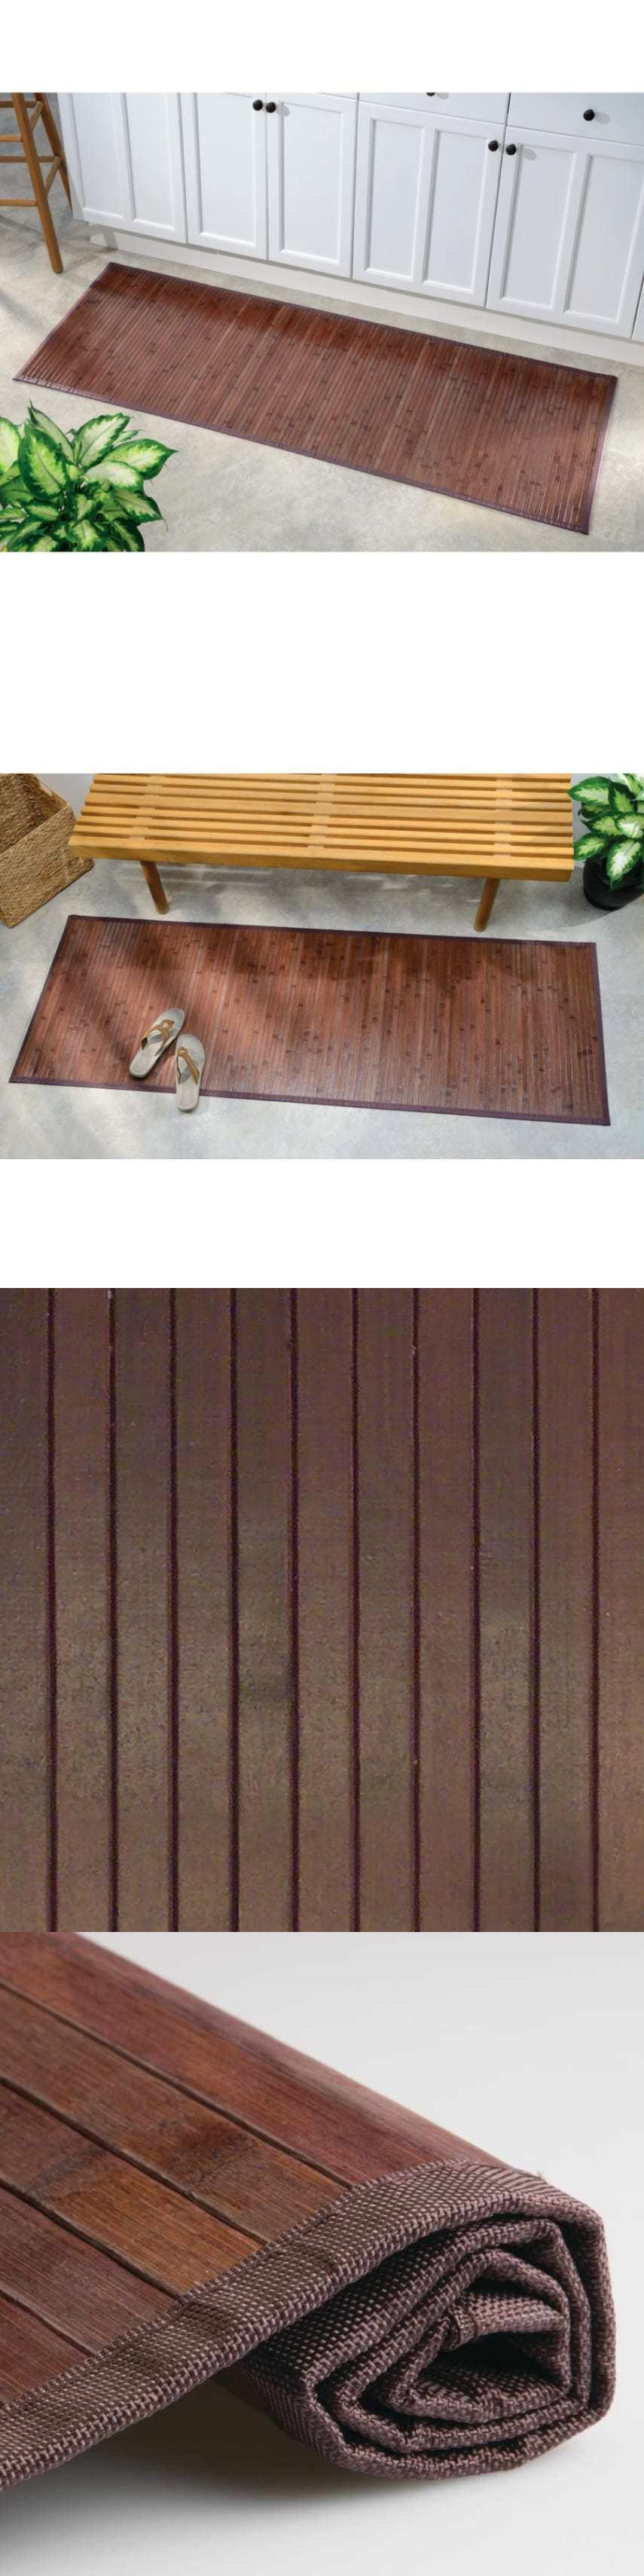 door mats and floor mats  bathroom door mat bath wood deck  - door mats and floor mats  bathroom door mat bath wood deck tile floorcarpet